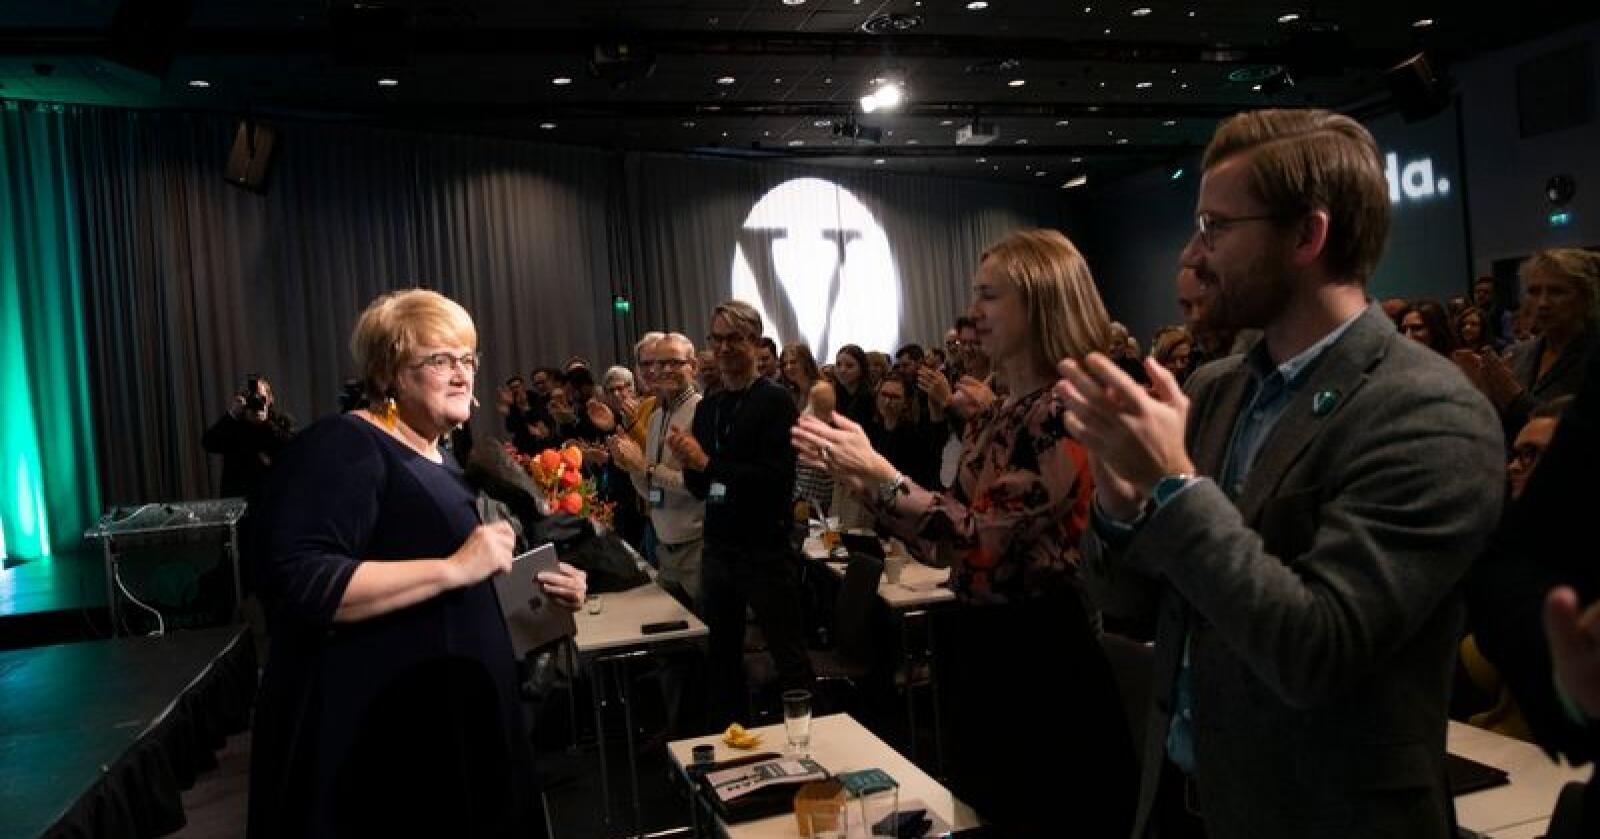 Iselin Nybø og Sveinung Rotevatn klapper for Trine Skei Grande etter hennes tale på Venstres landskonferanse lørdag. Nationens tall viste i helgen at partiet er helt utradert i store deler av landet, men tallene er fra slutten av august, og siden da har mye skjedd mener generalsekretær Marit Meyer i Venstre. Foto: Terje Bendiksby / NTB scanpix